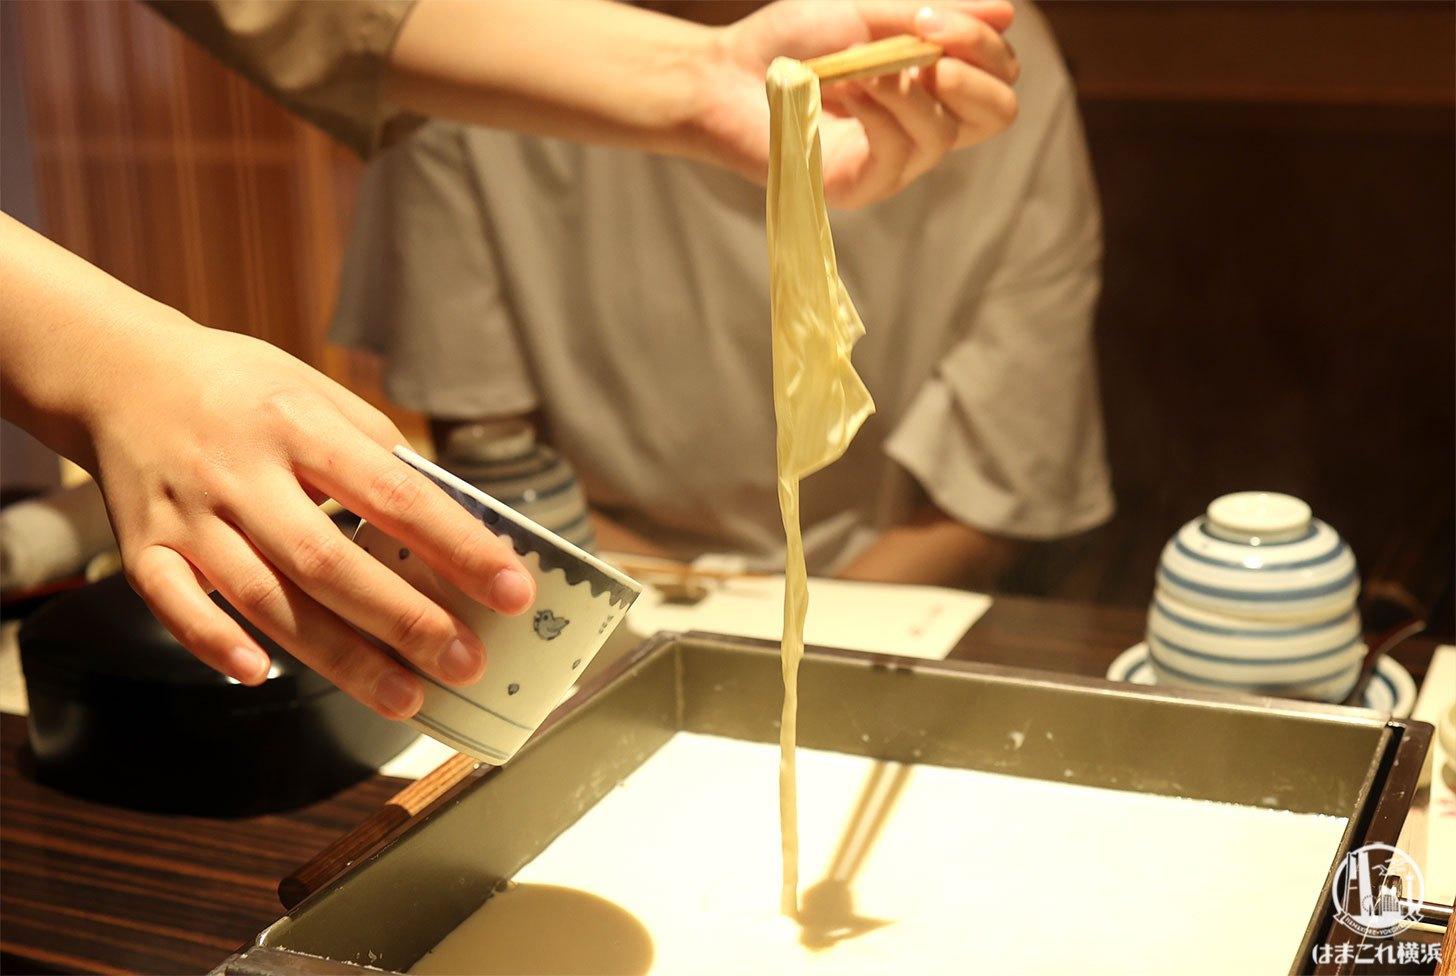 梅の花・横浜スカイビル店で引き上げ湯葉や湯葉の懐石料理!個室は大切な集まりにおすすめ